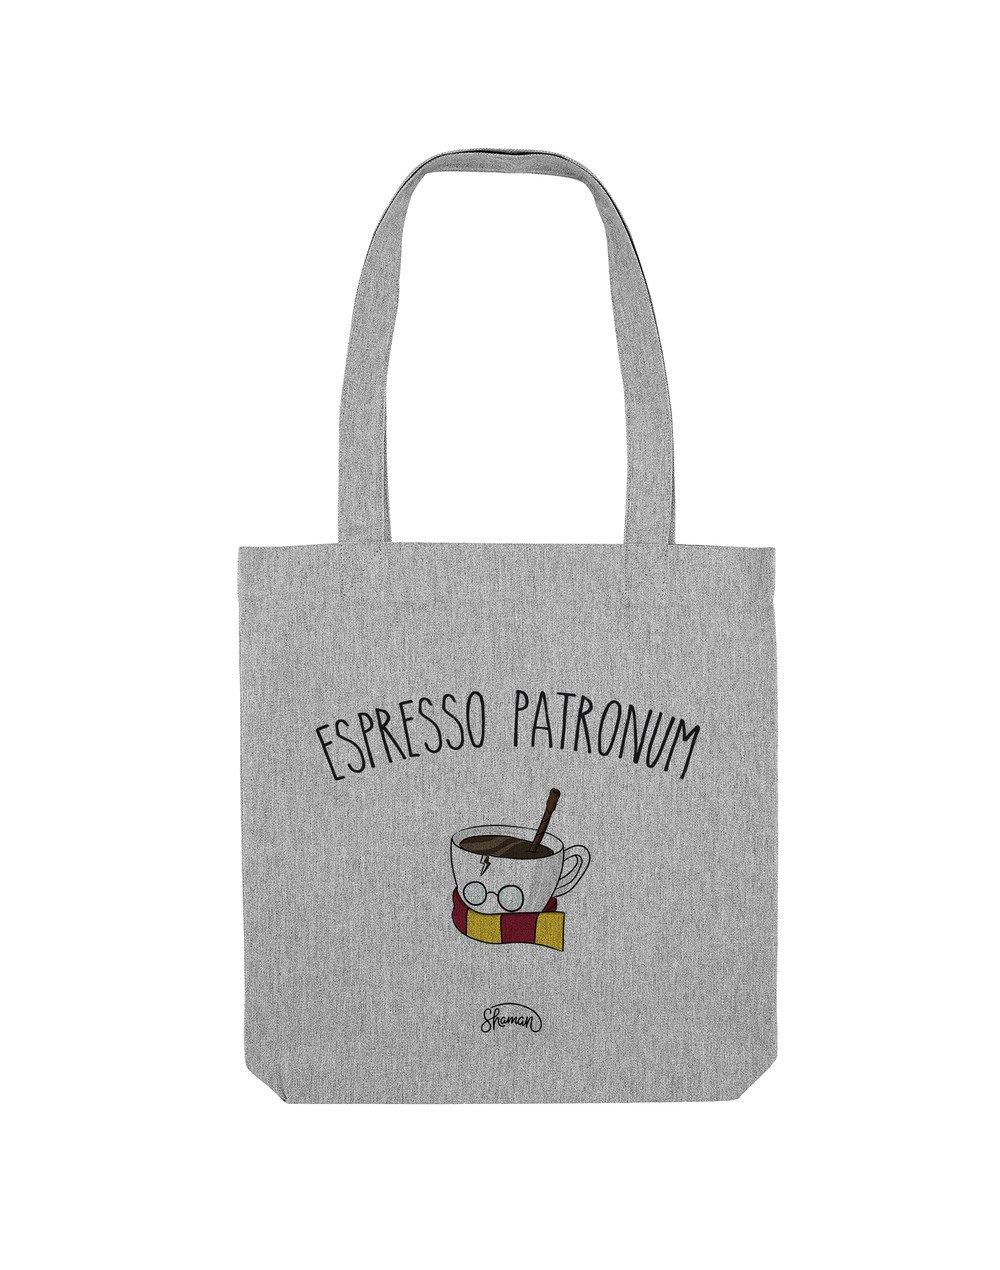 ESPRESSO PATRONUM - Tote Bag  Gris chiné  en coton